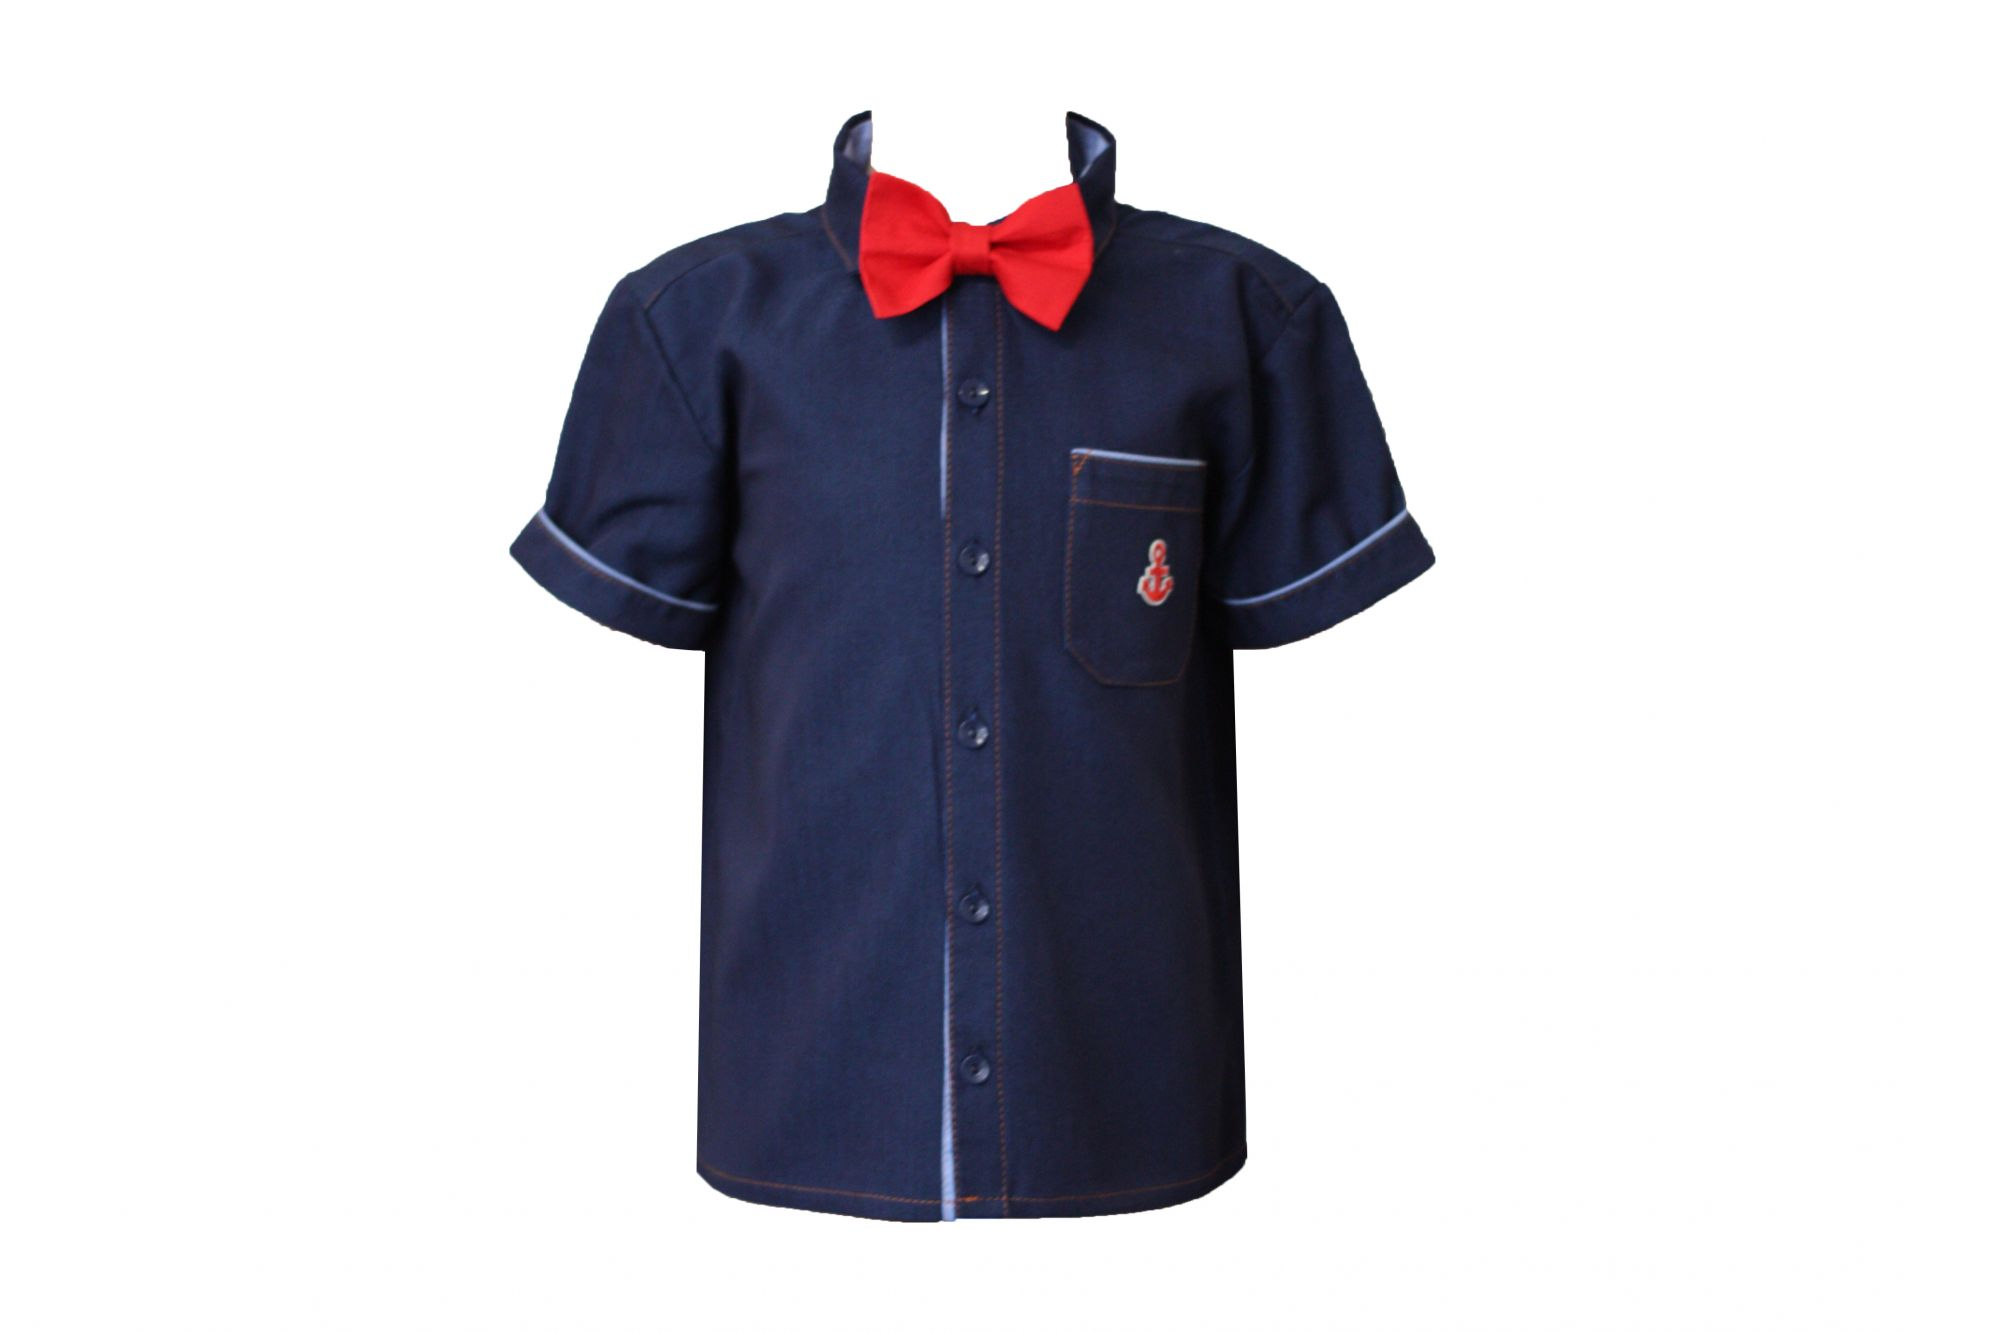 00047886 Рубашка для мальчика детская (джинс)